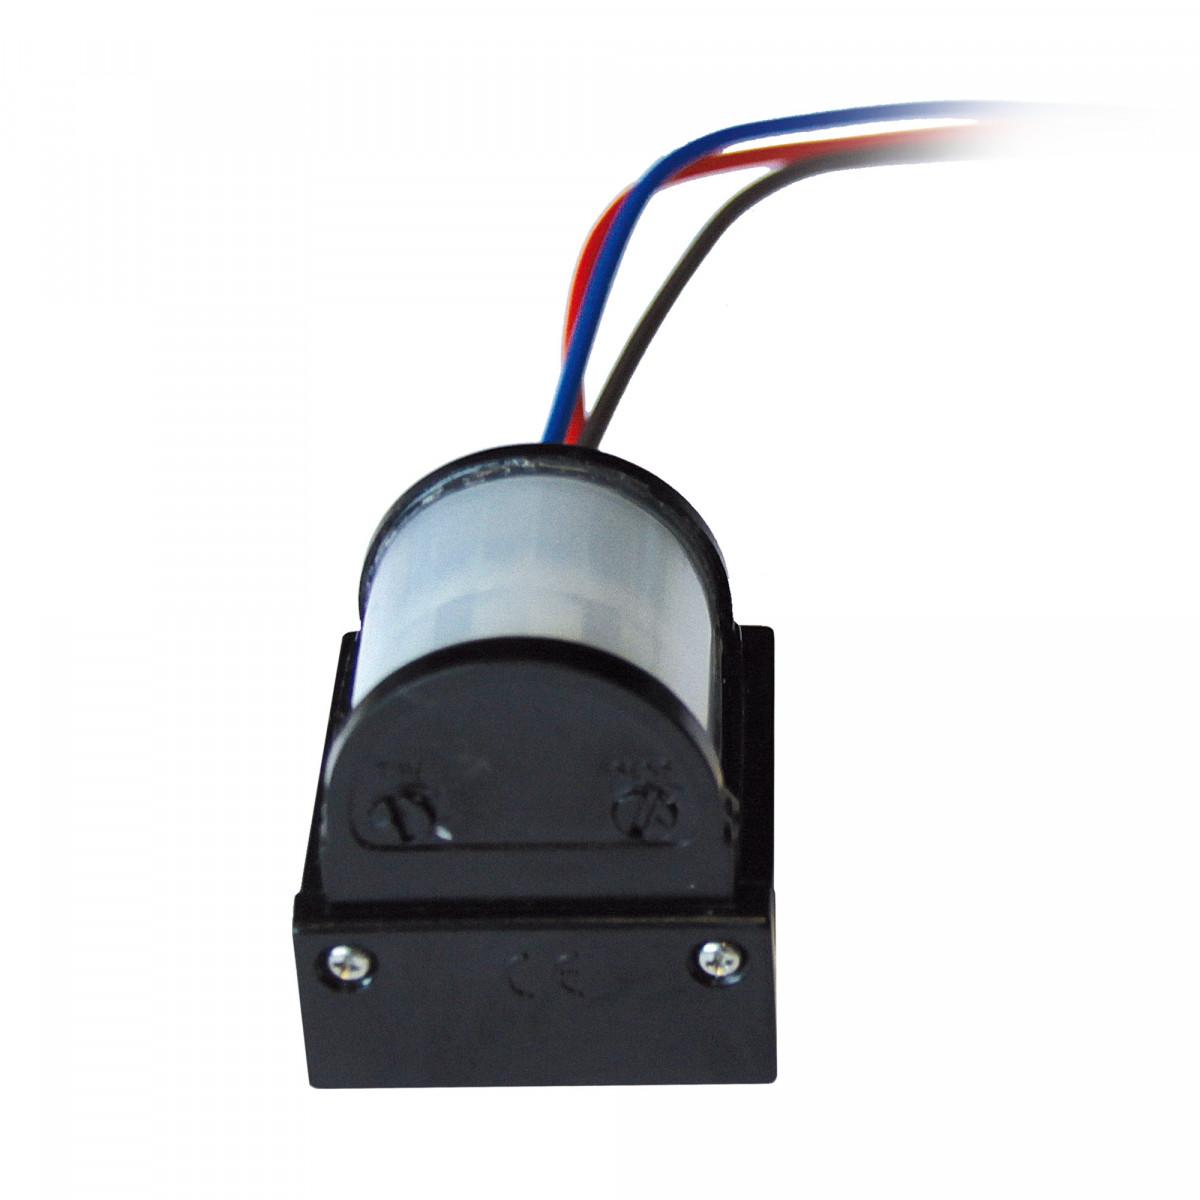 Bewegingsmelder inbouw (3754) - KS Verlichting - Losse Sensoren en Bewegingsmelders